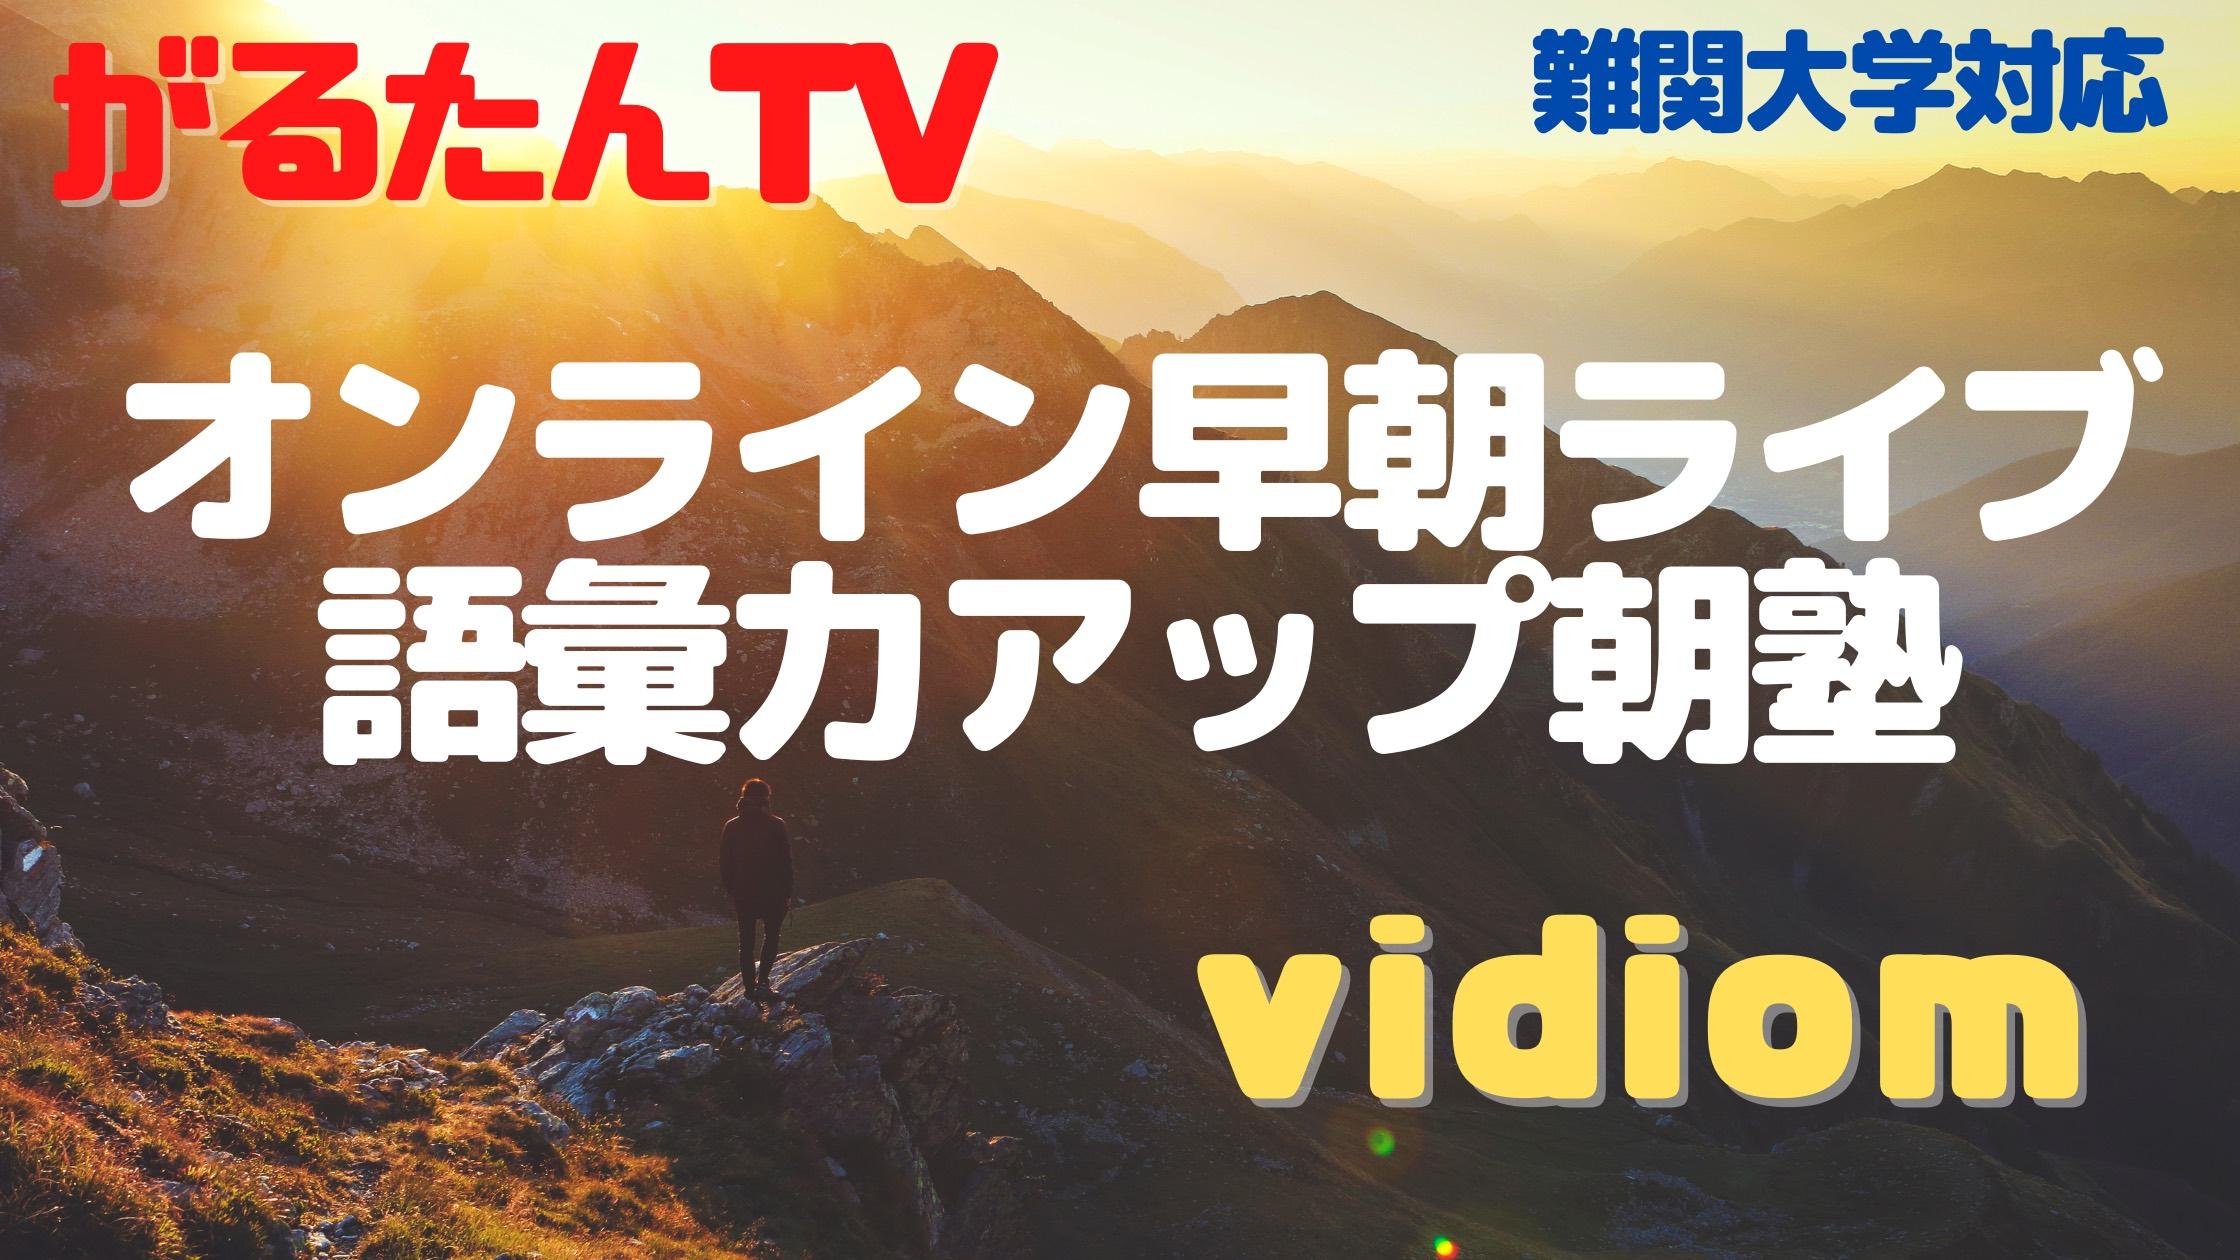 がるたんTV【オンライン早朝ライブ講義】『VIDIOM-脱丸暗記の英熟語』2021年4月火曜[全4回](6, 13, 20, 27日)6時マンスリーチケット